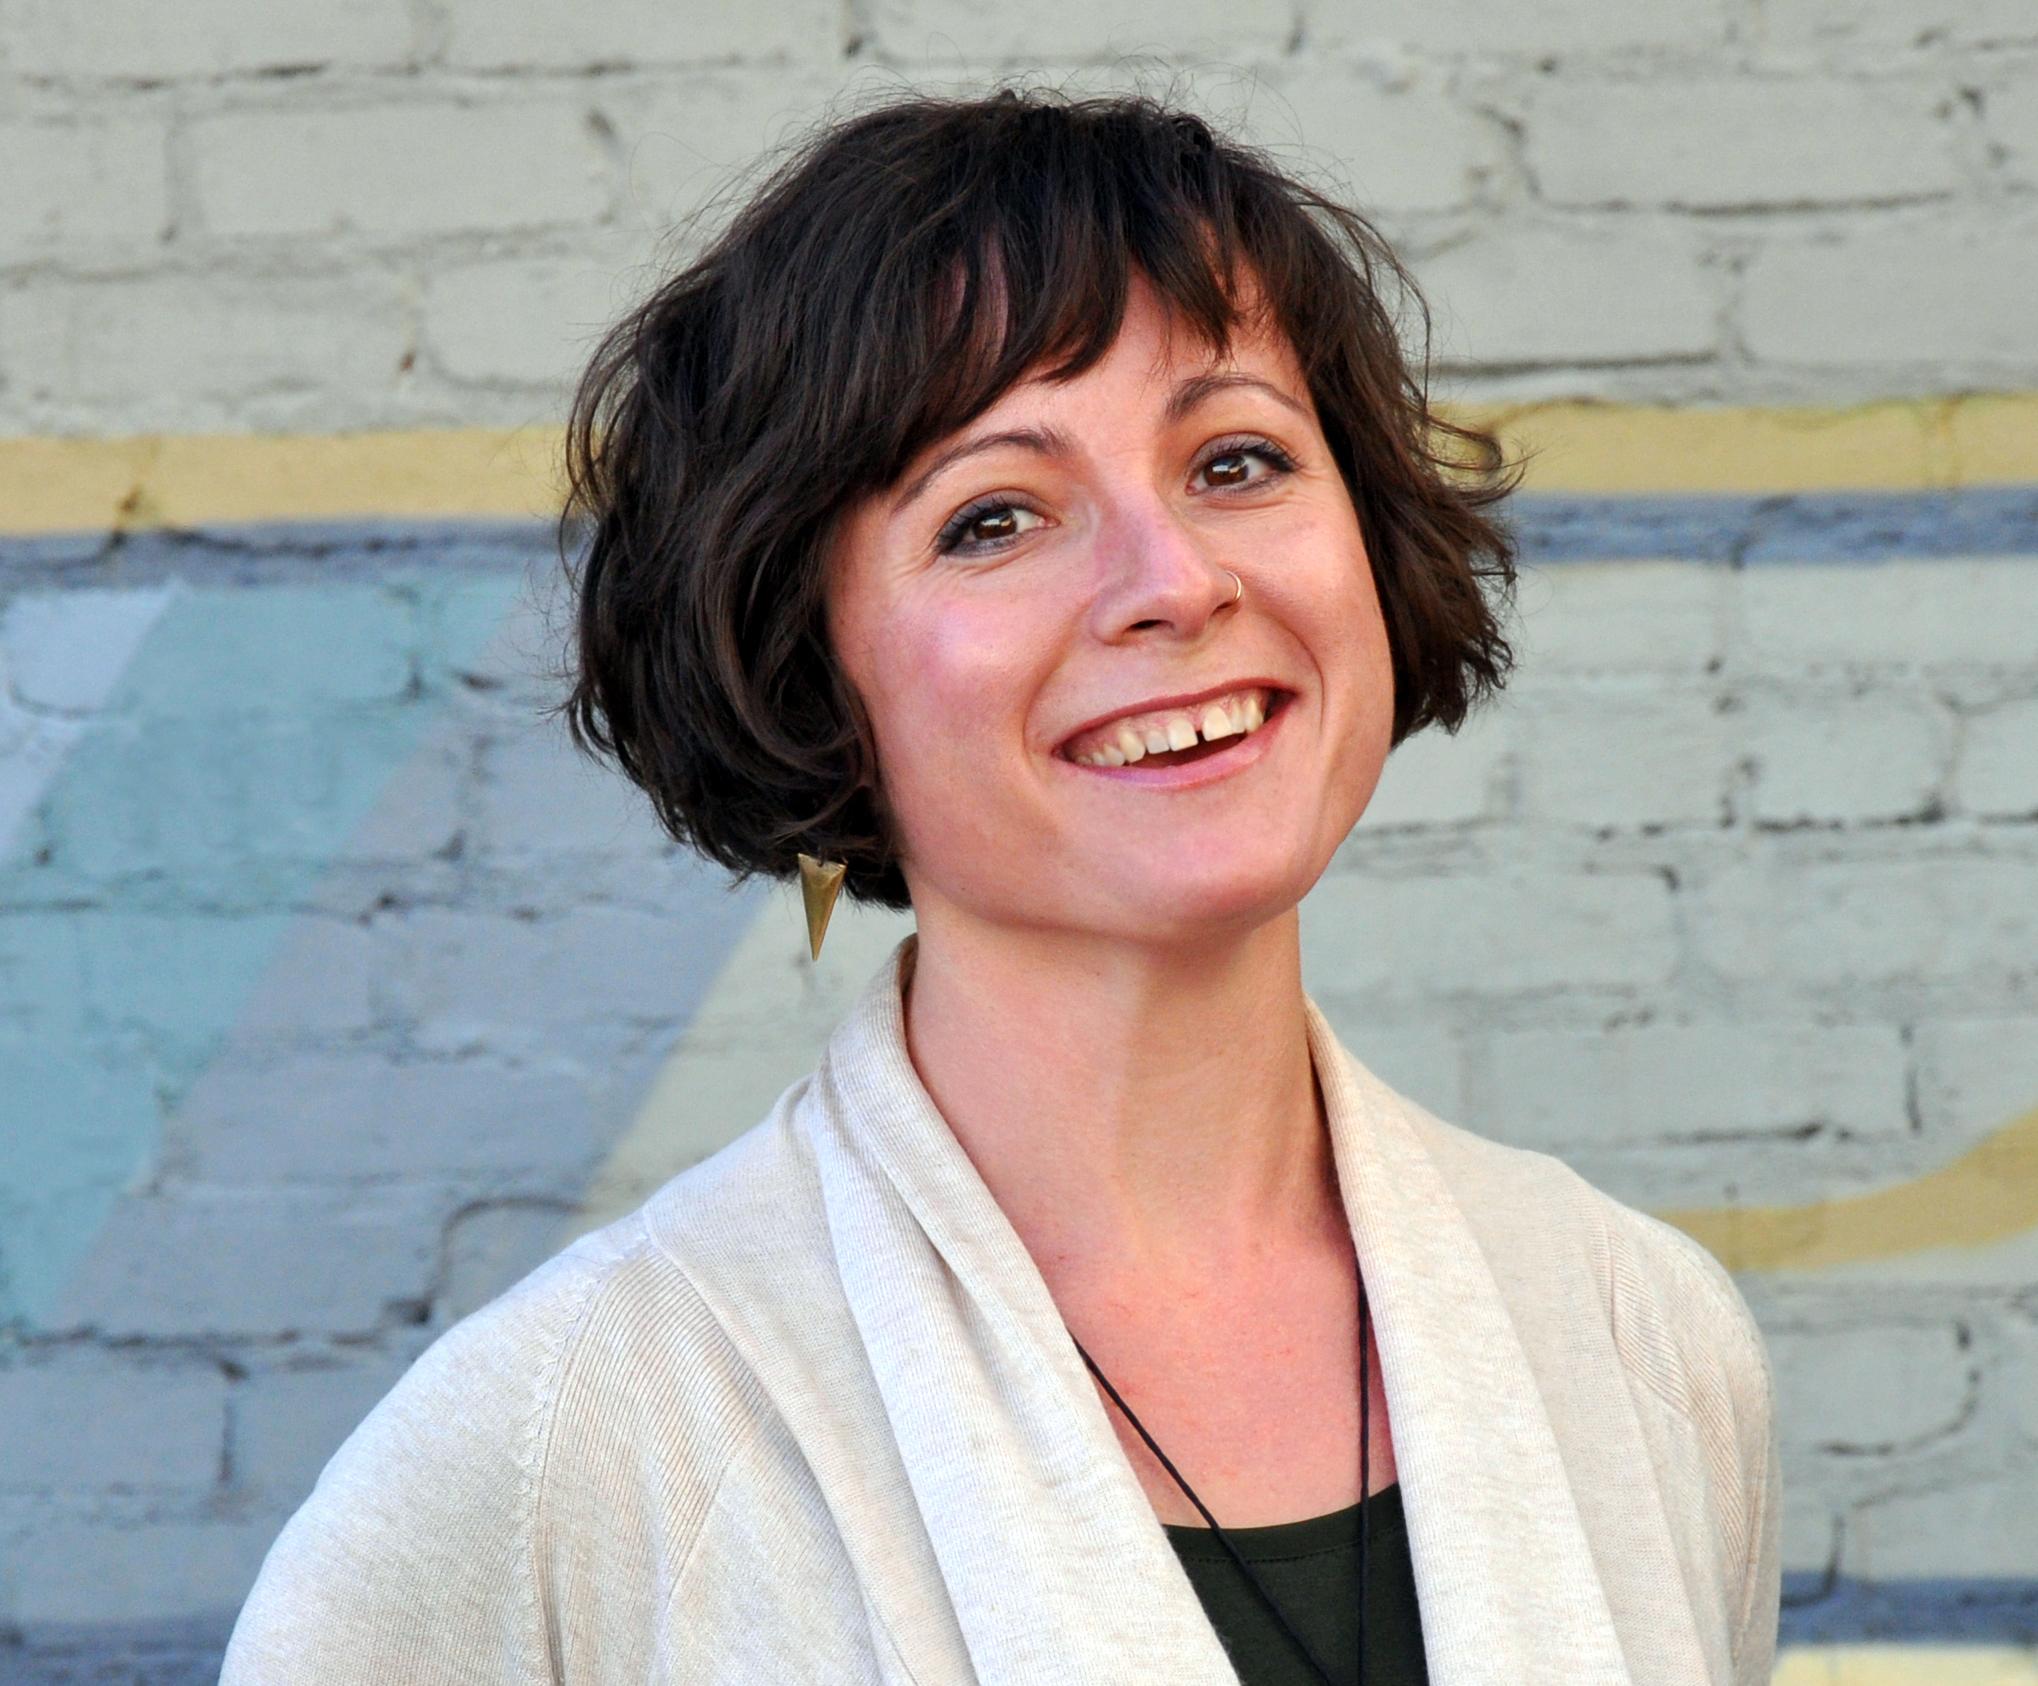 Katrina Majewski